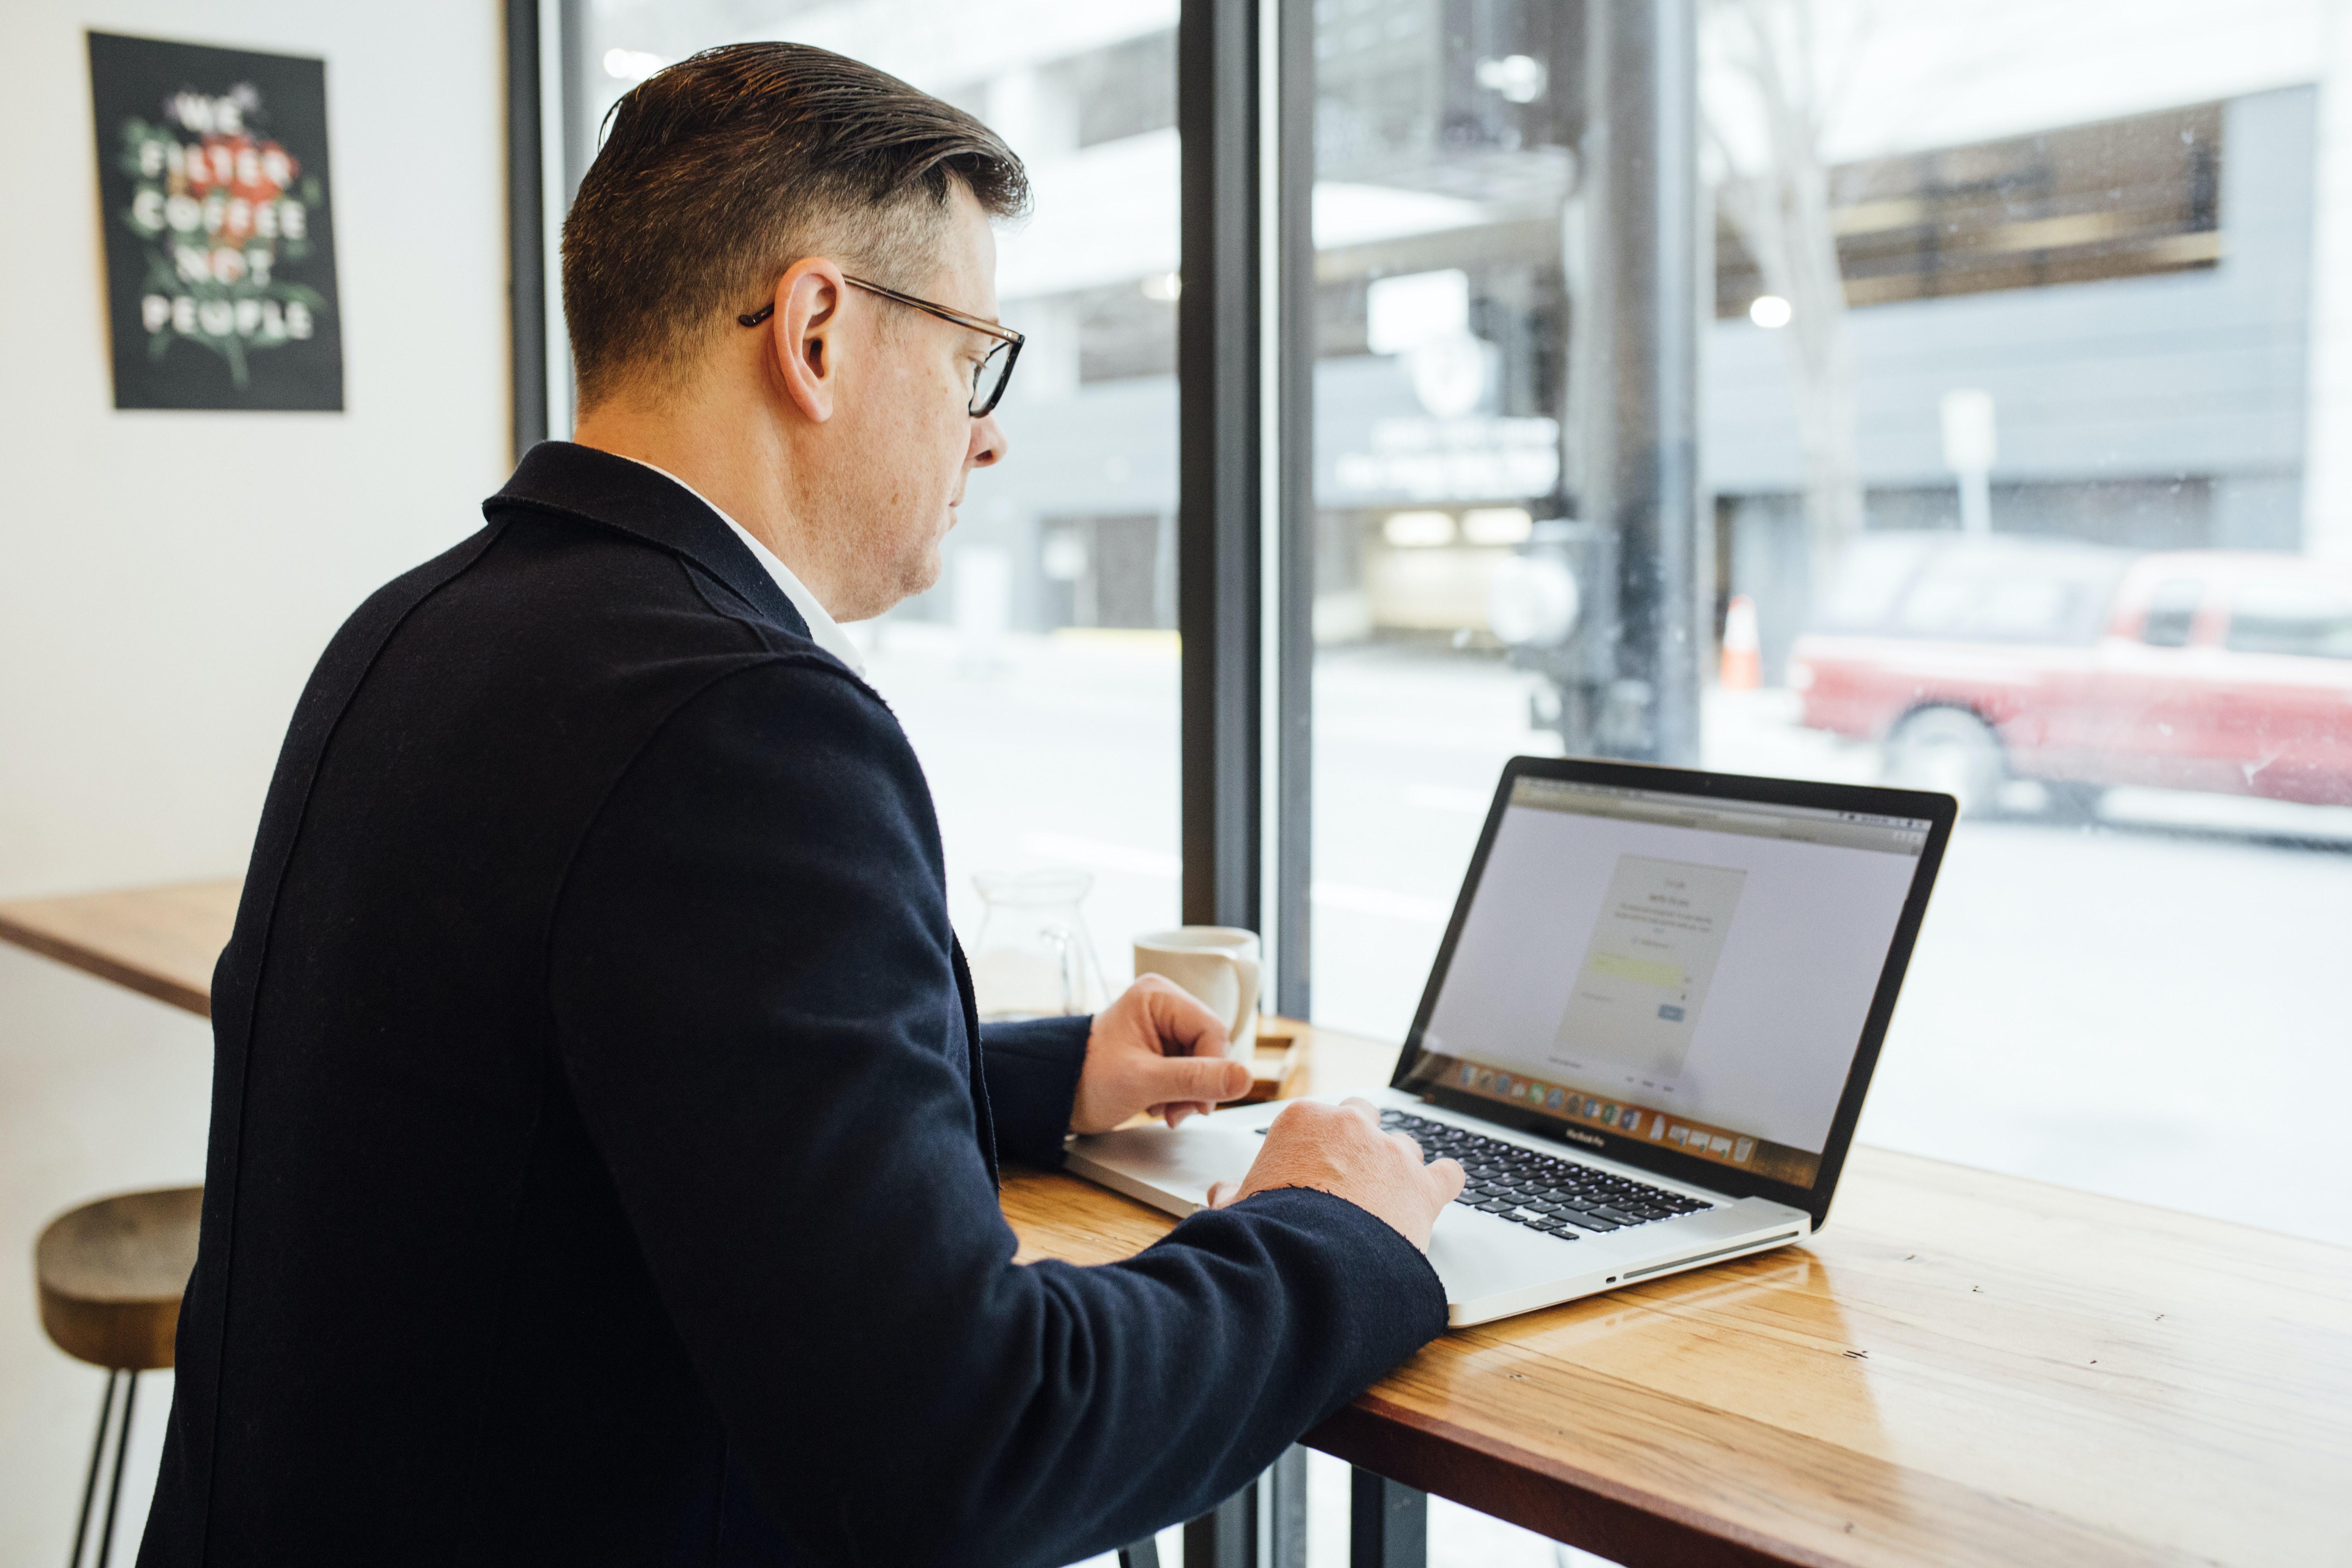 Основные ошибки при открытии и организации, вначале работы интернет-магазина, как избежать ошибок при создании интернет-магазина